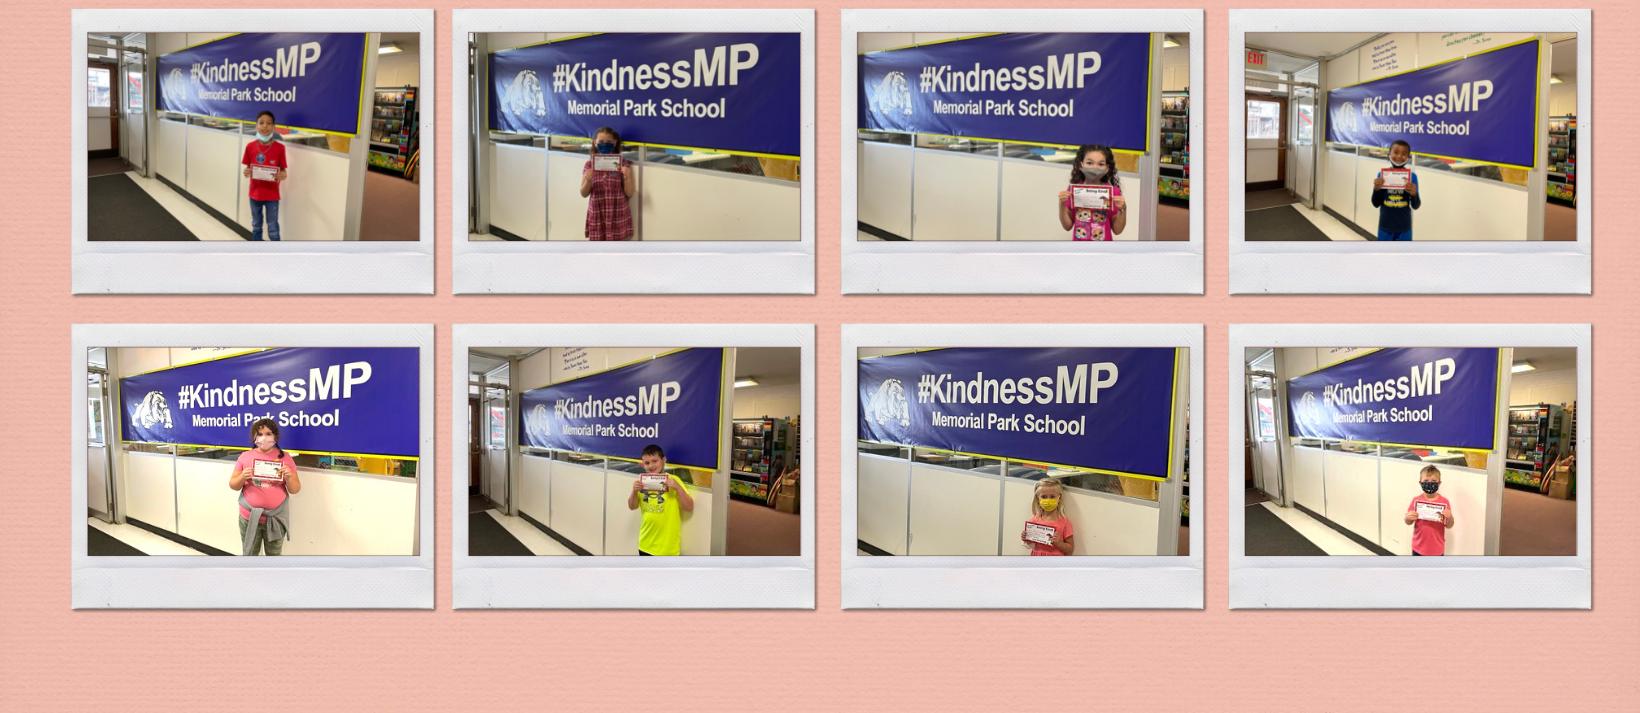 #KindnessMP